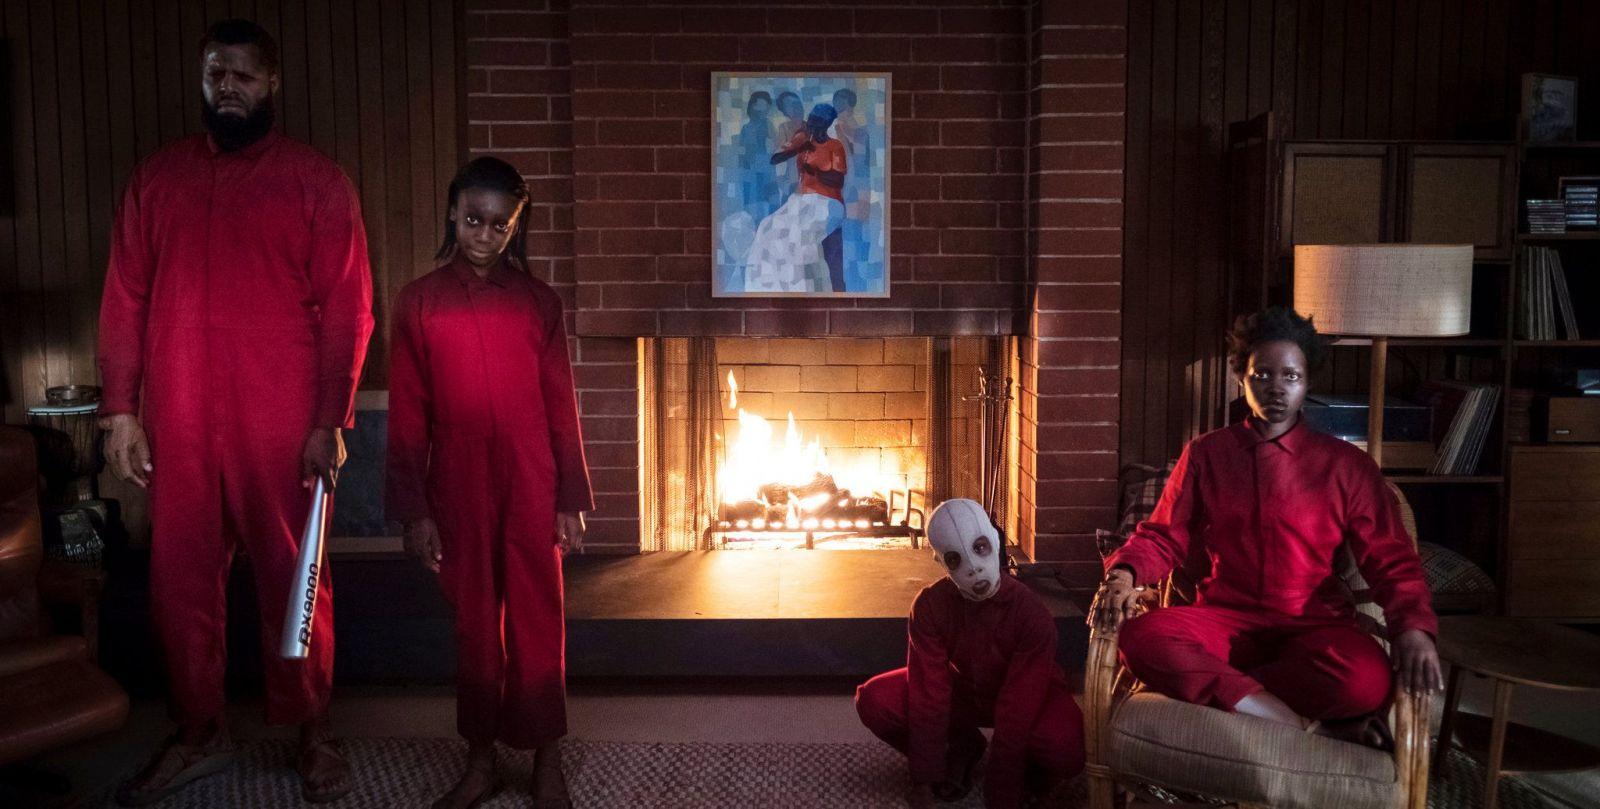 Komentár: Rozhodnutie Akadémie donútiť tvorcov, aby obsadzovali viac členov etnických skupín ohrozuje samotnú kvalitu filmov